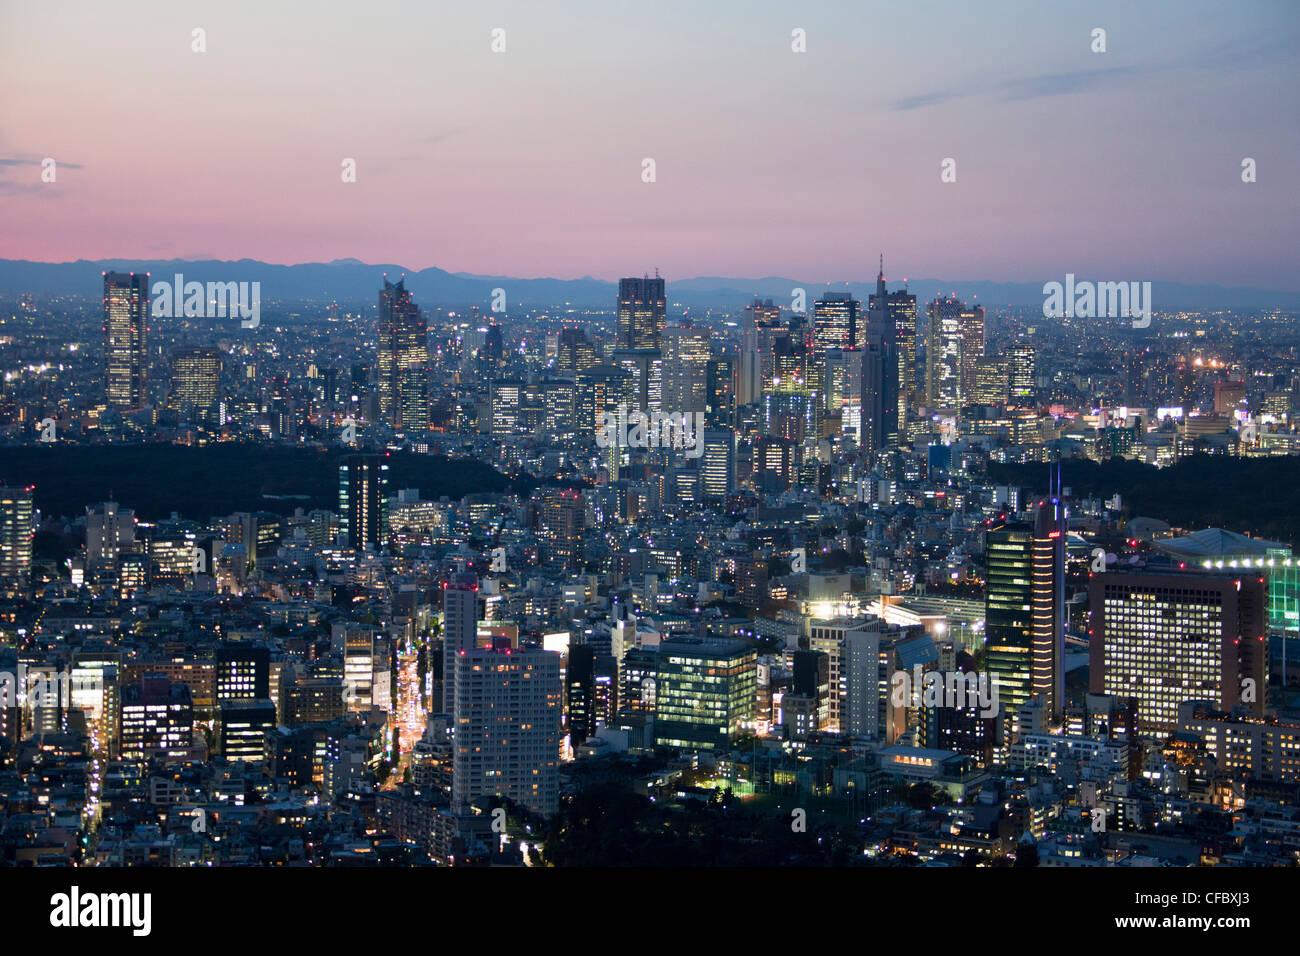 Japan, Asien, Tokio, Stadt, Sonnenuntergang, Architektur, große, Gebäude, Stadt, Innenstadt, riesig, Lichter, Stockbild